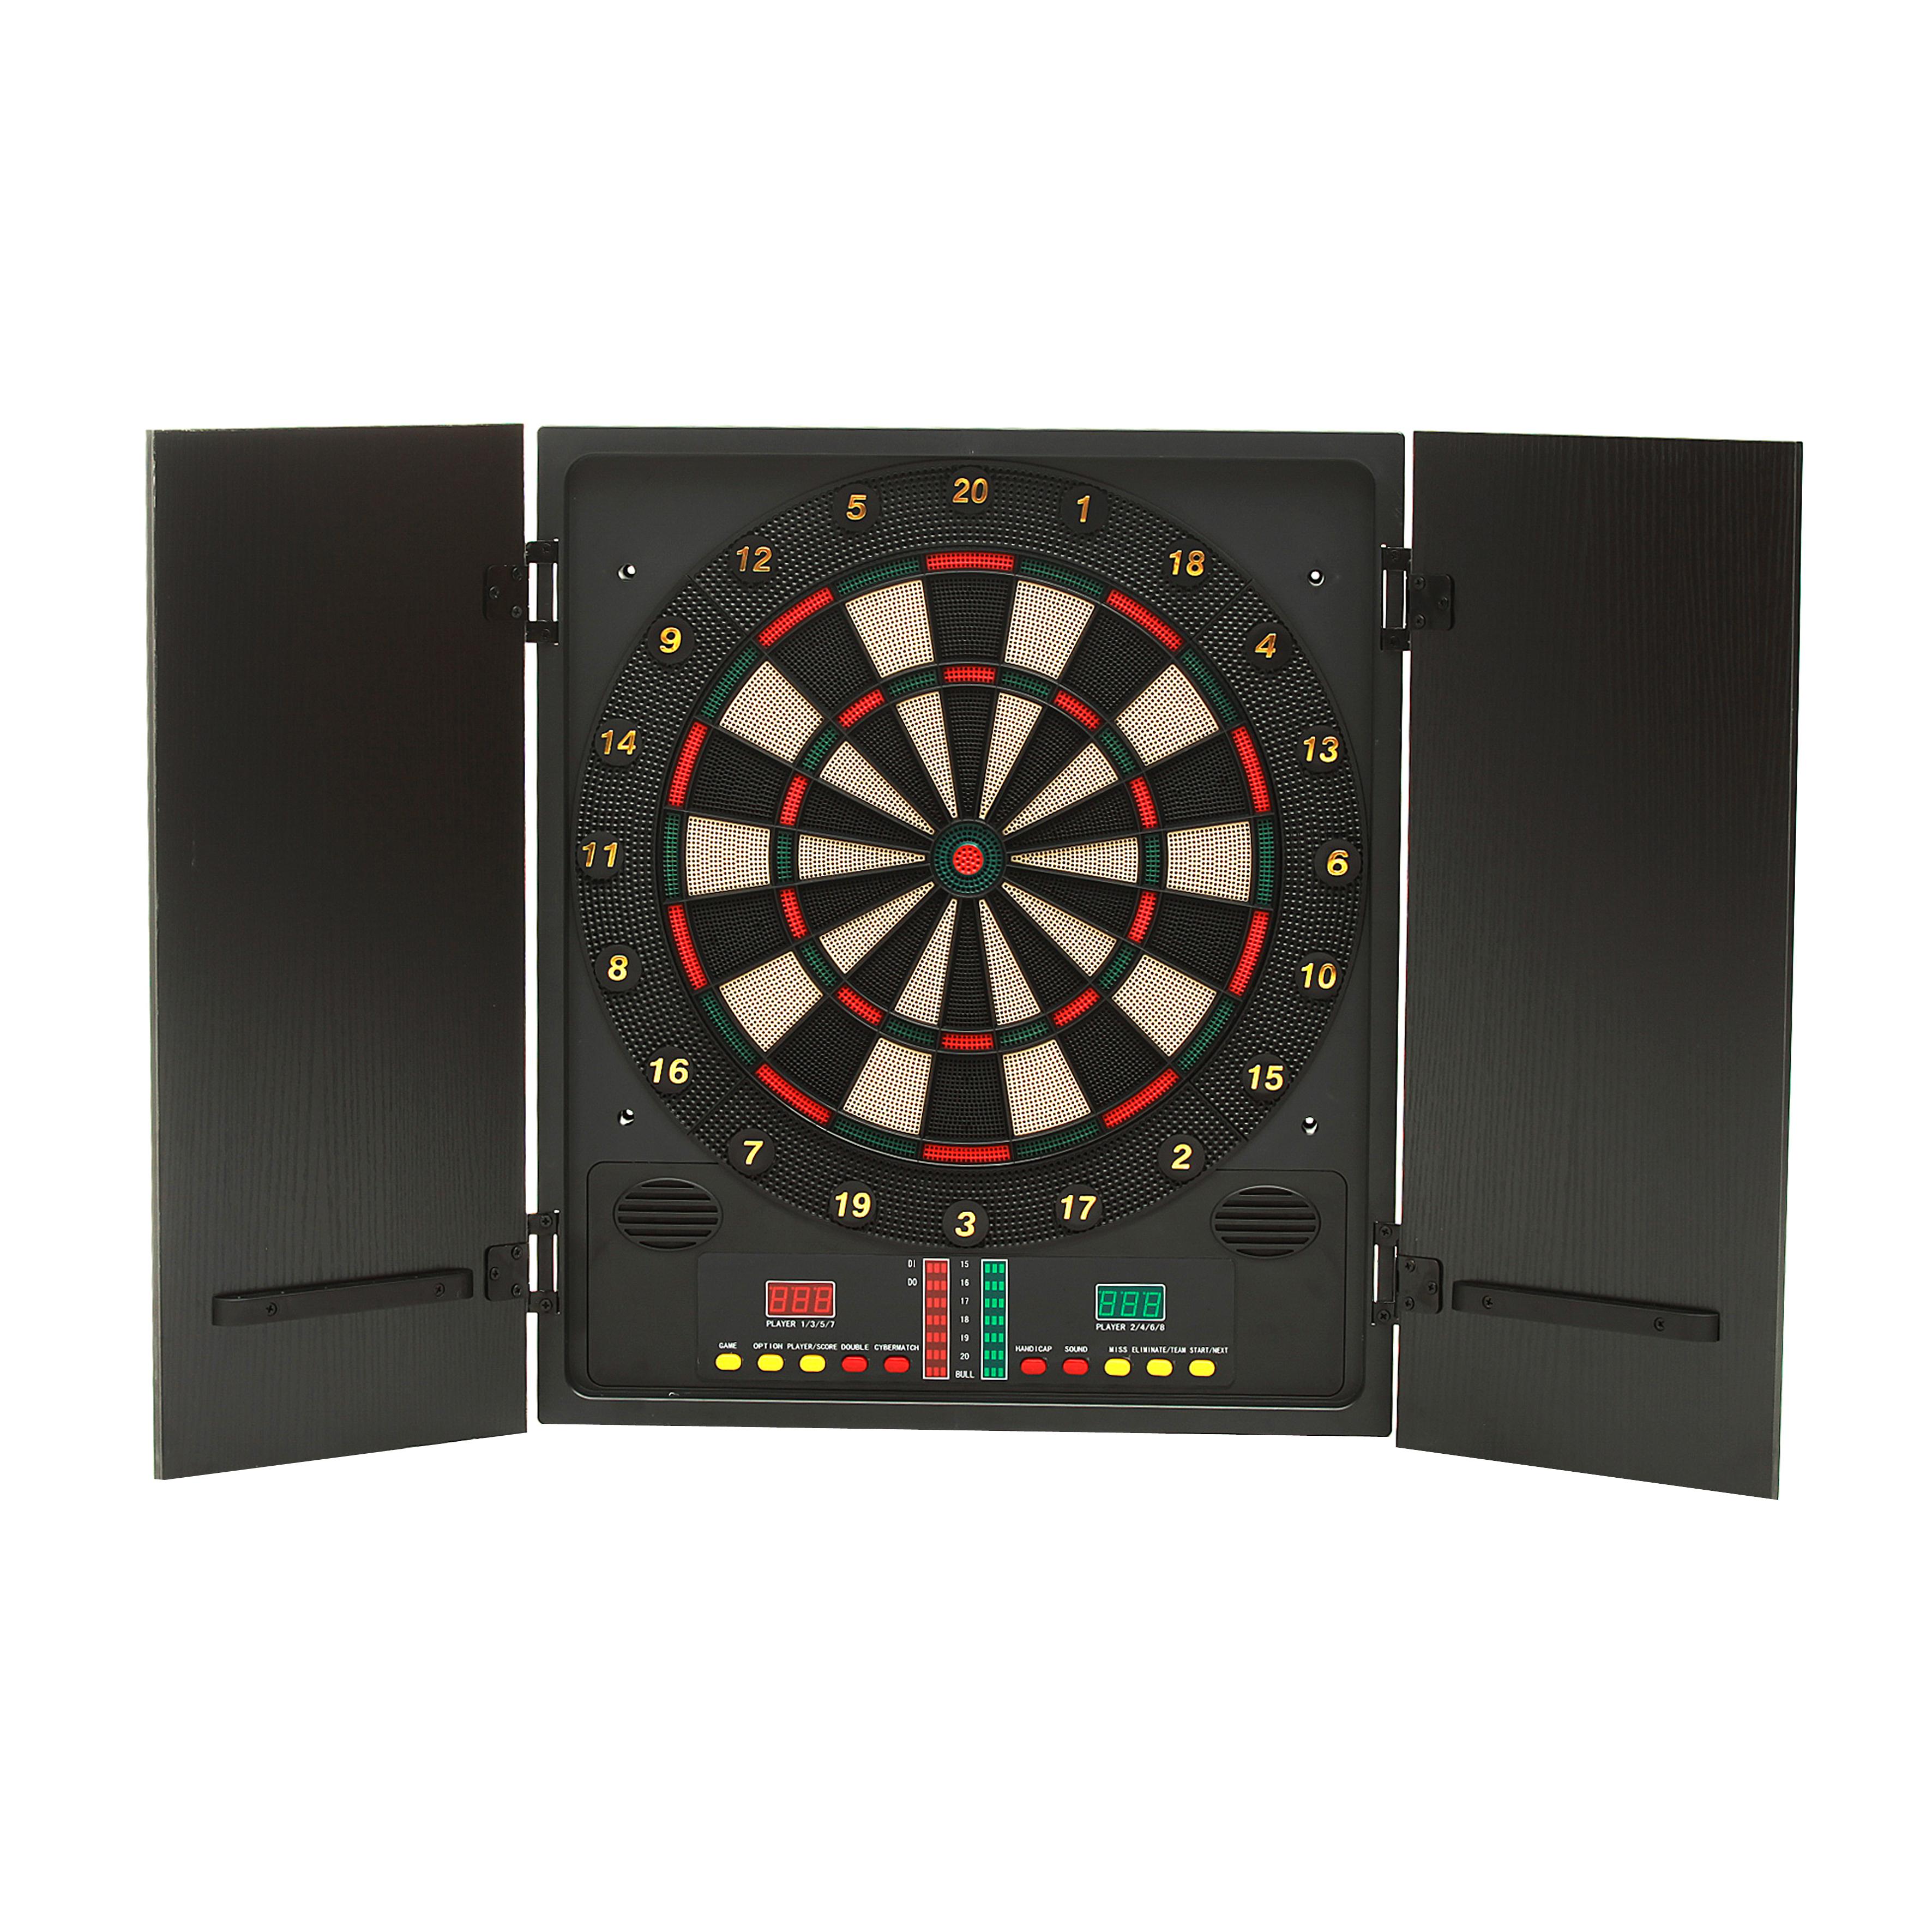 Professional อิเล็กทรอนิกส์ในร่มจอแสดงผล LED dartboard กับตู้